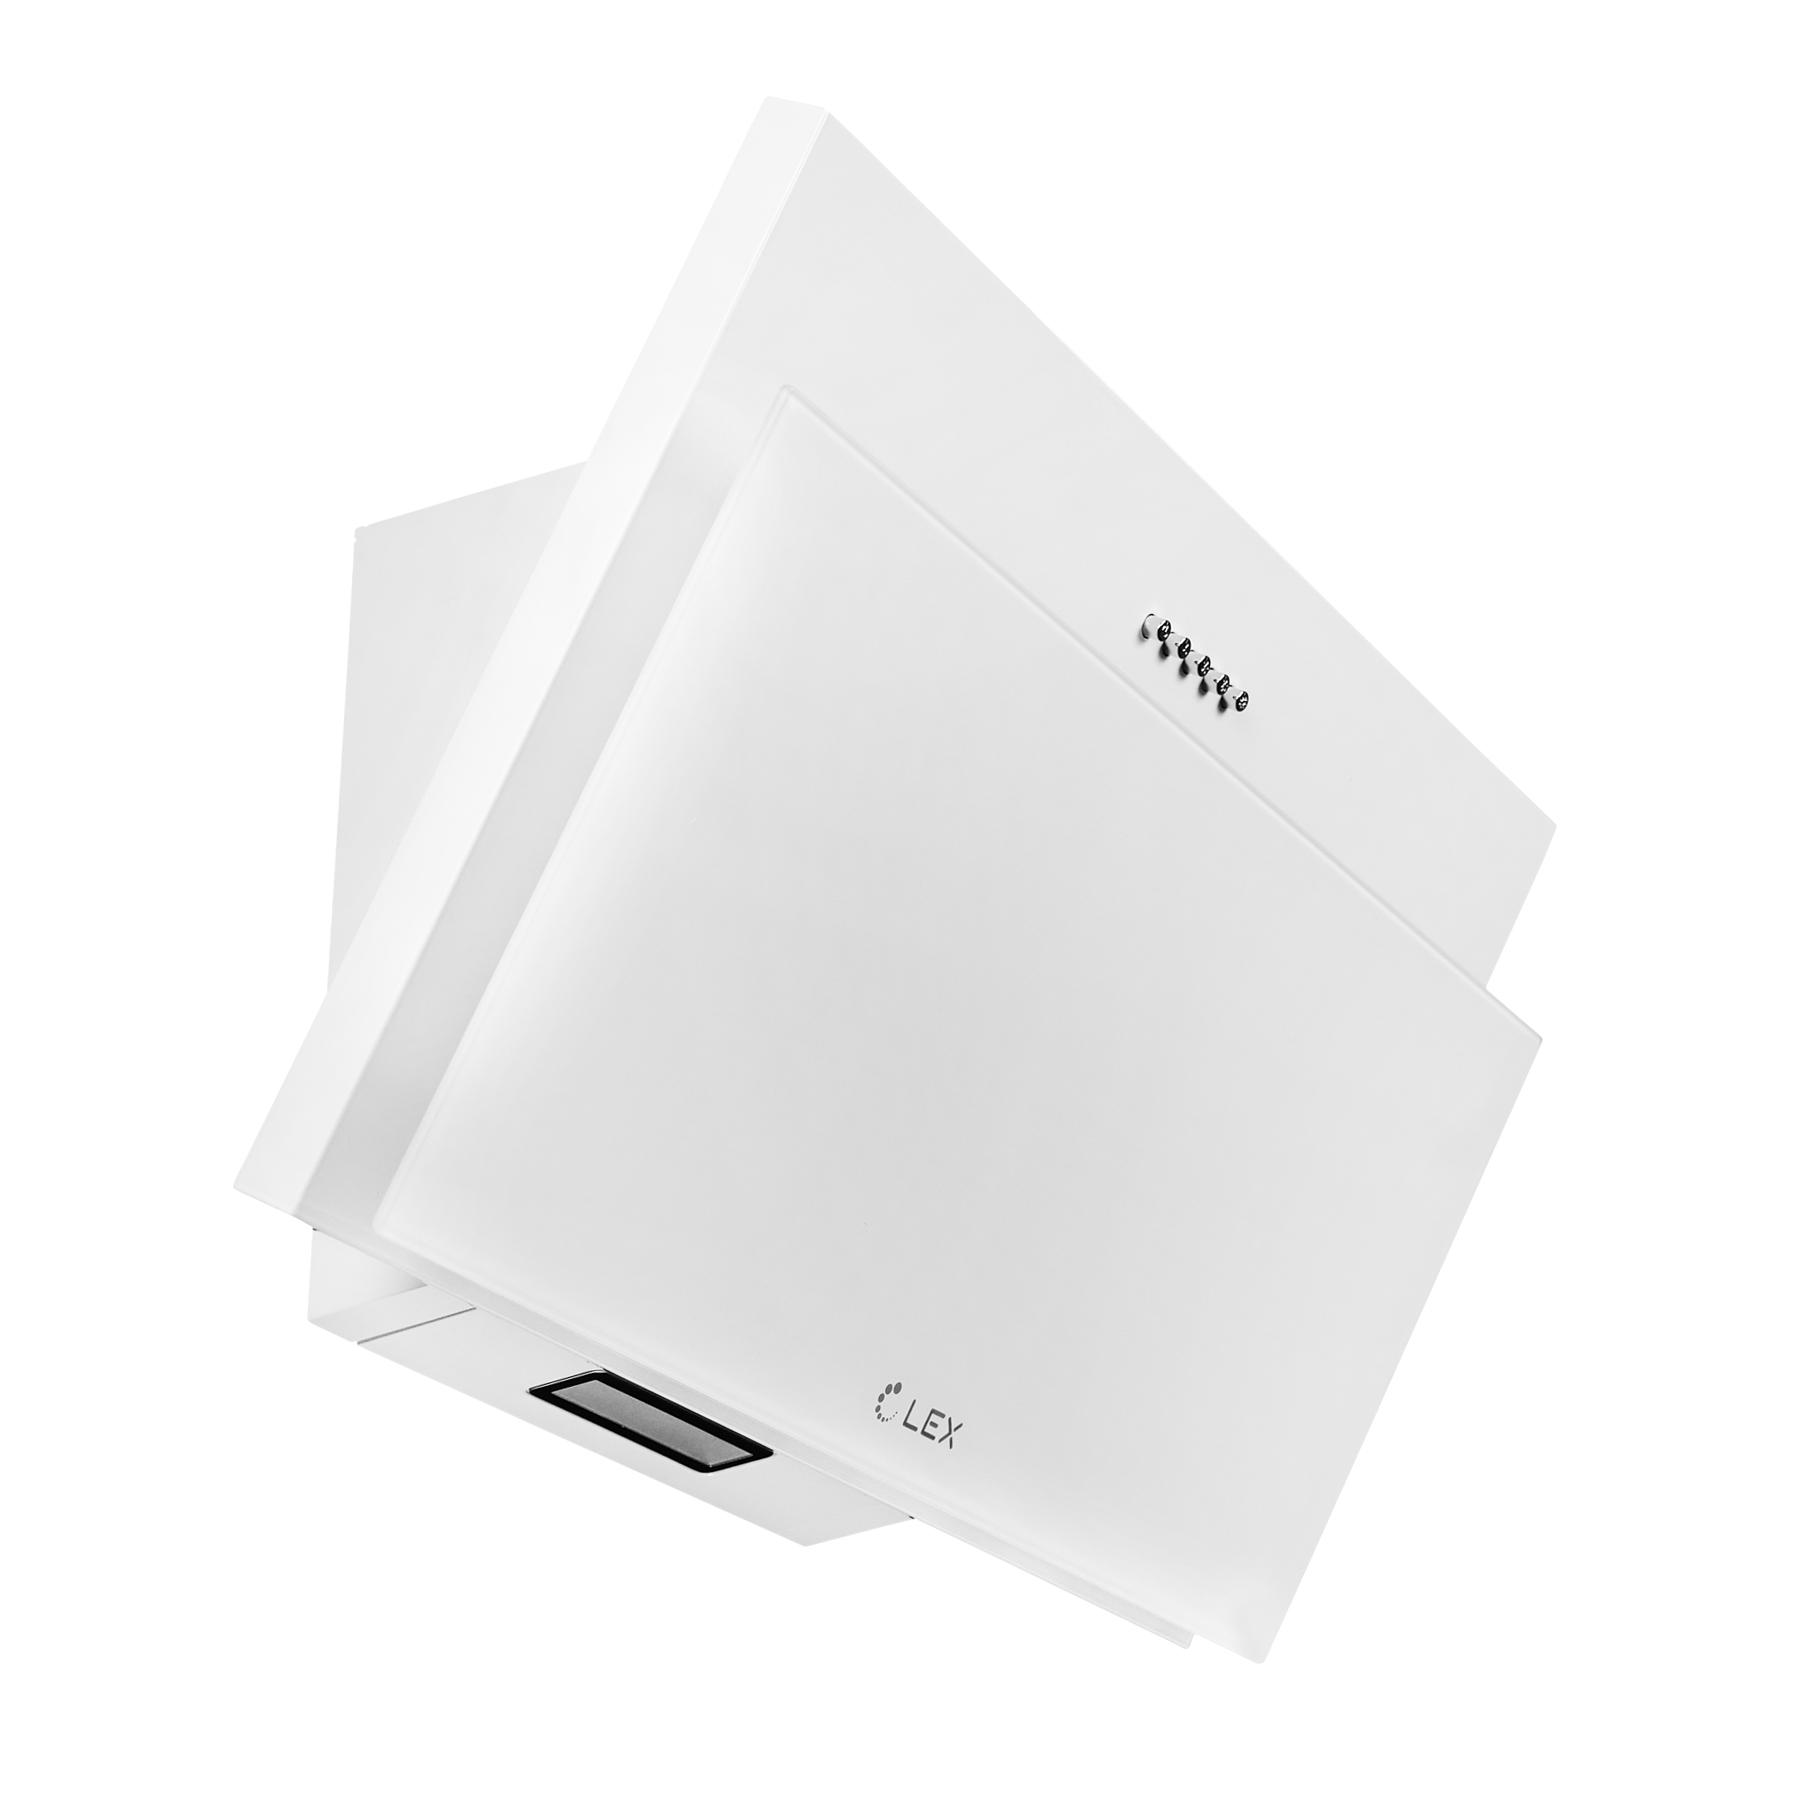 LEX Luka 600 White